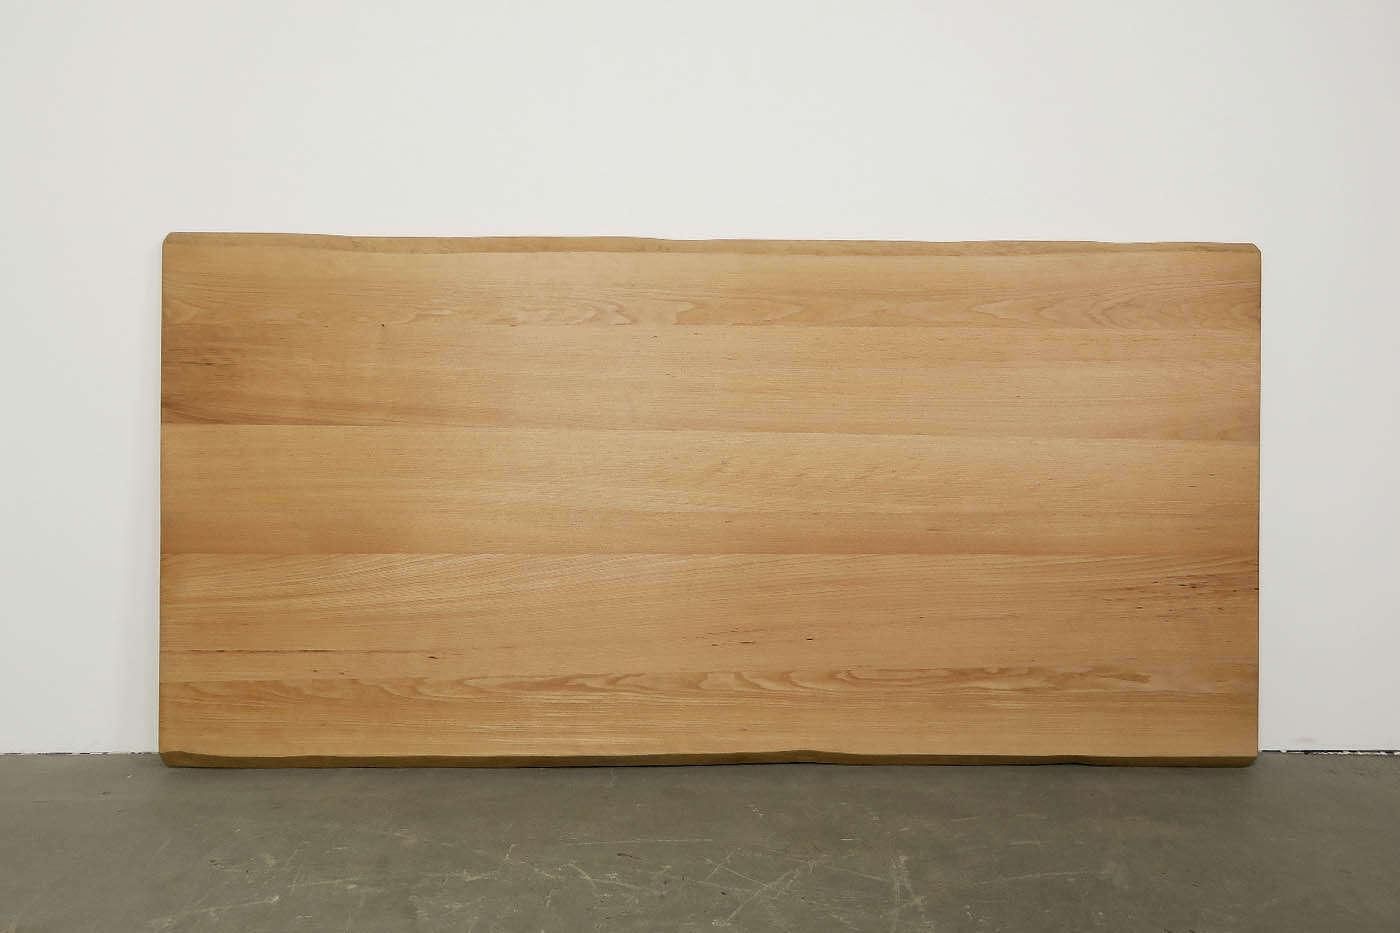 massivholzplatte buche massivholzplatte buche ged mpft a b lamelle keilgezinkt. Black Bedroom Furniture Sets. Home Design Ideas